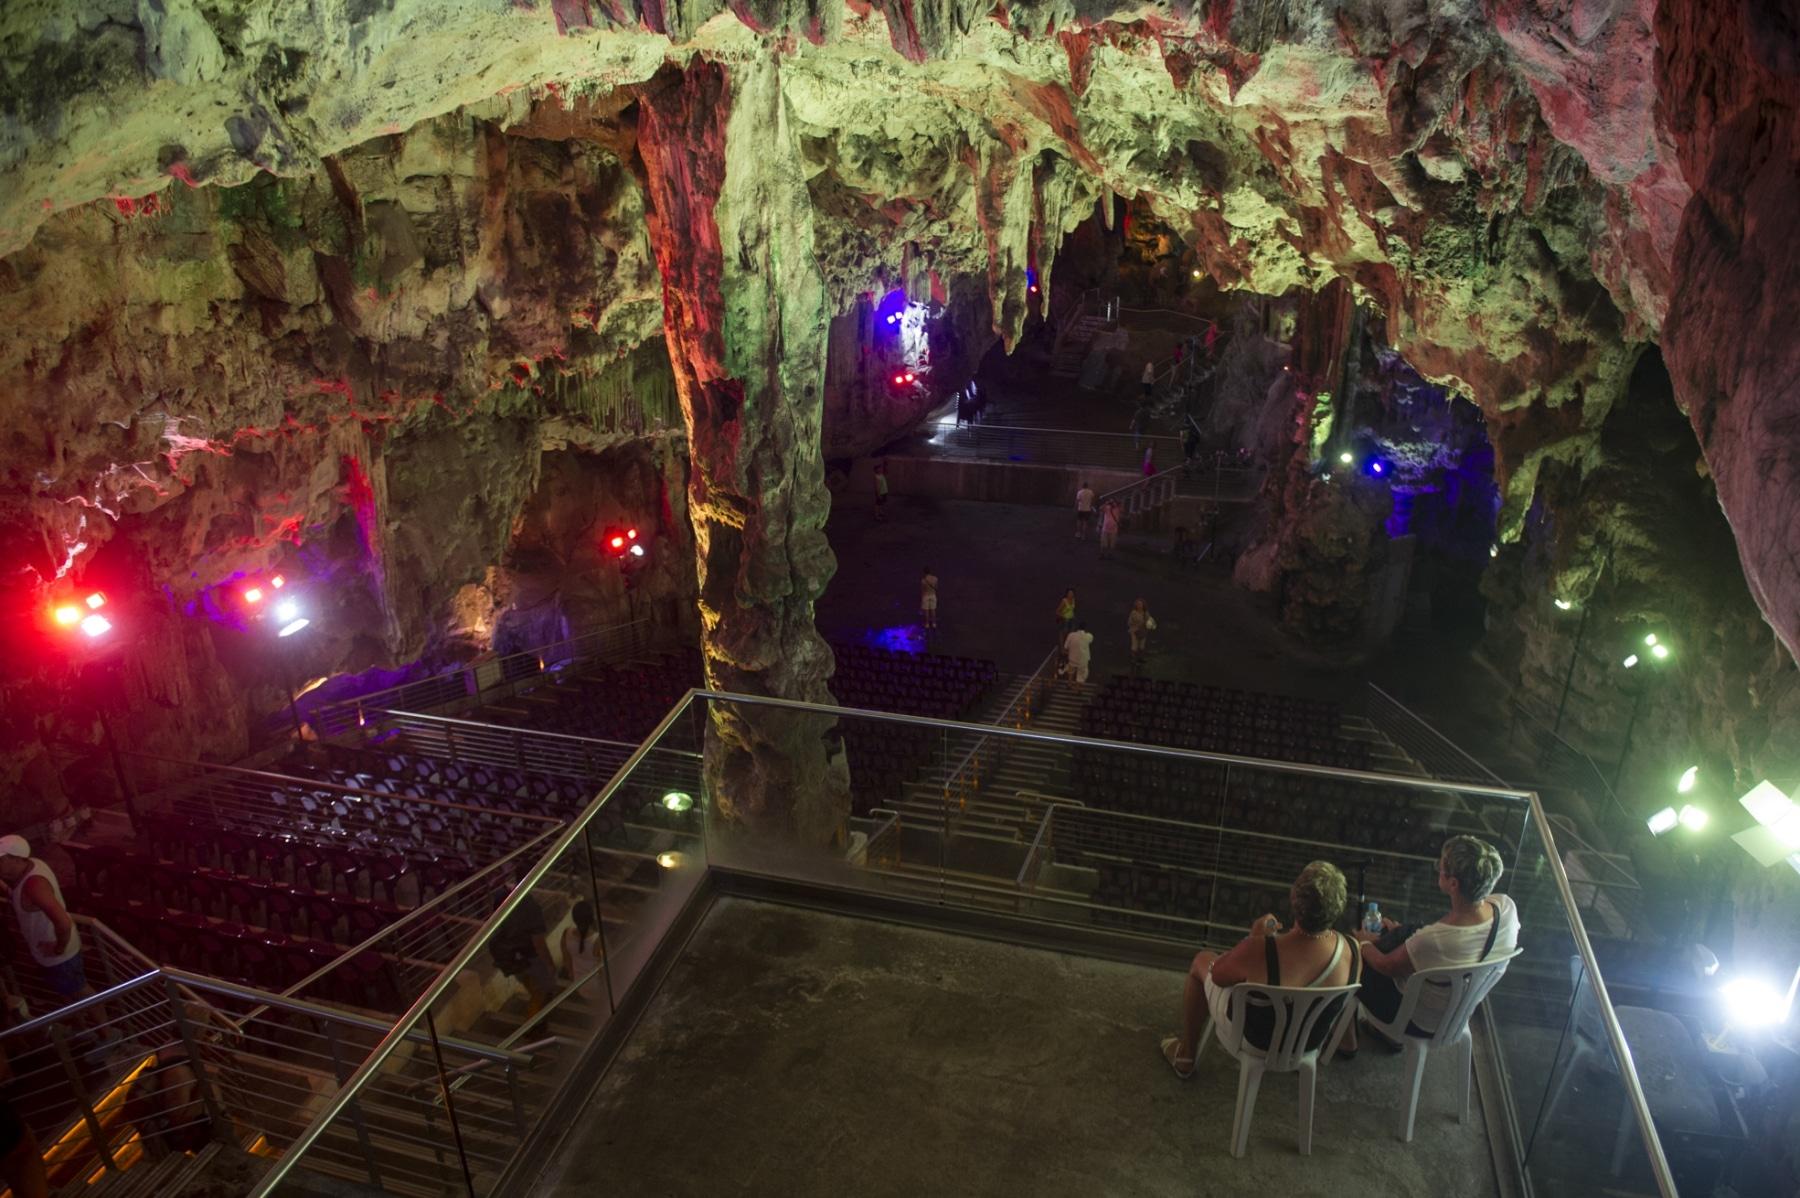 Cuevas-de-San-Miguel-7